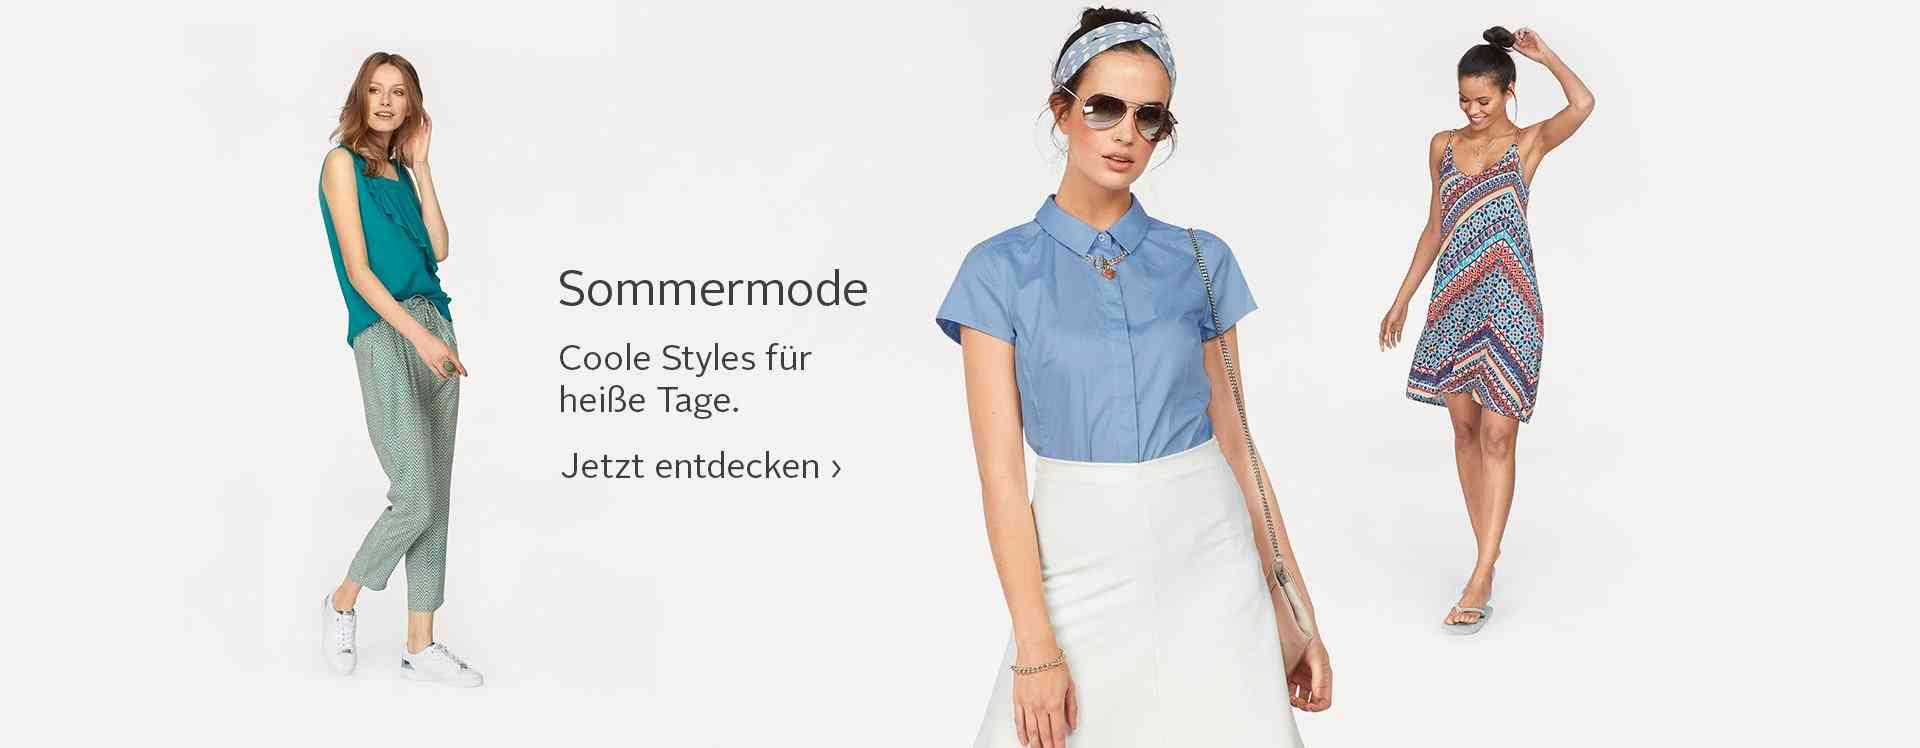 Coole Styles für heiße Tage: Damen-Sommermode in luftigen Schnitten und leichten Materialien... Jetzt entdecken!